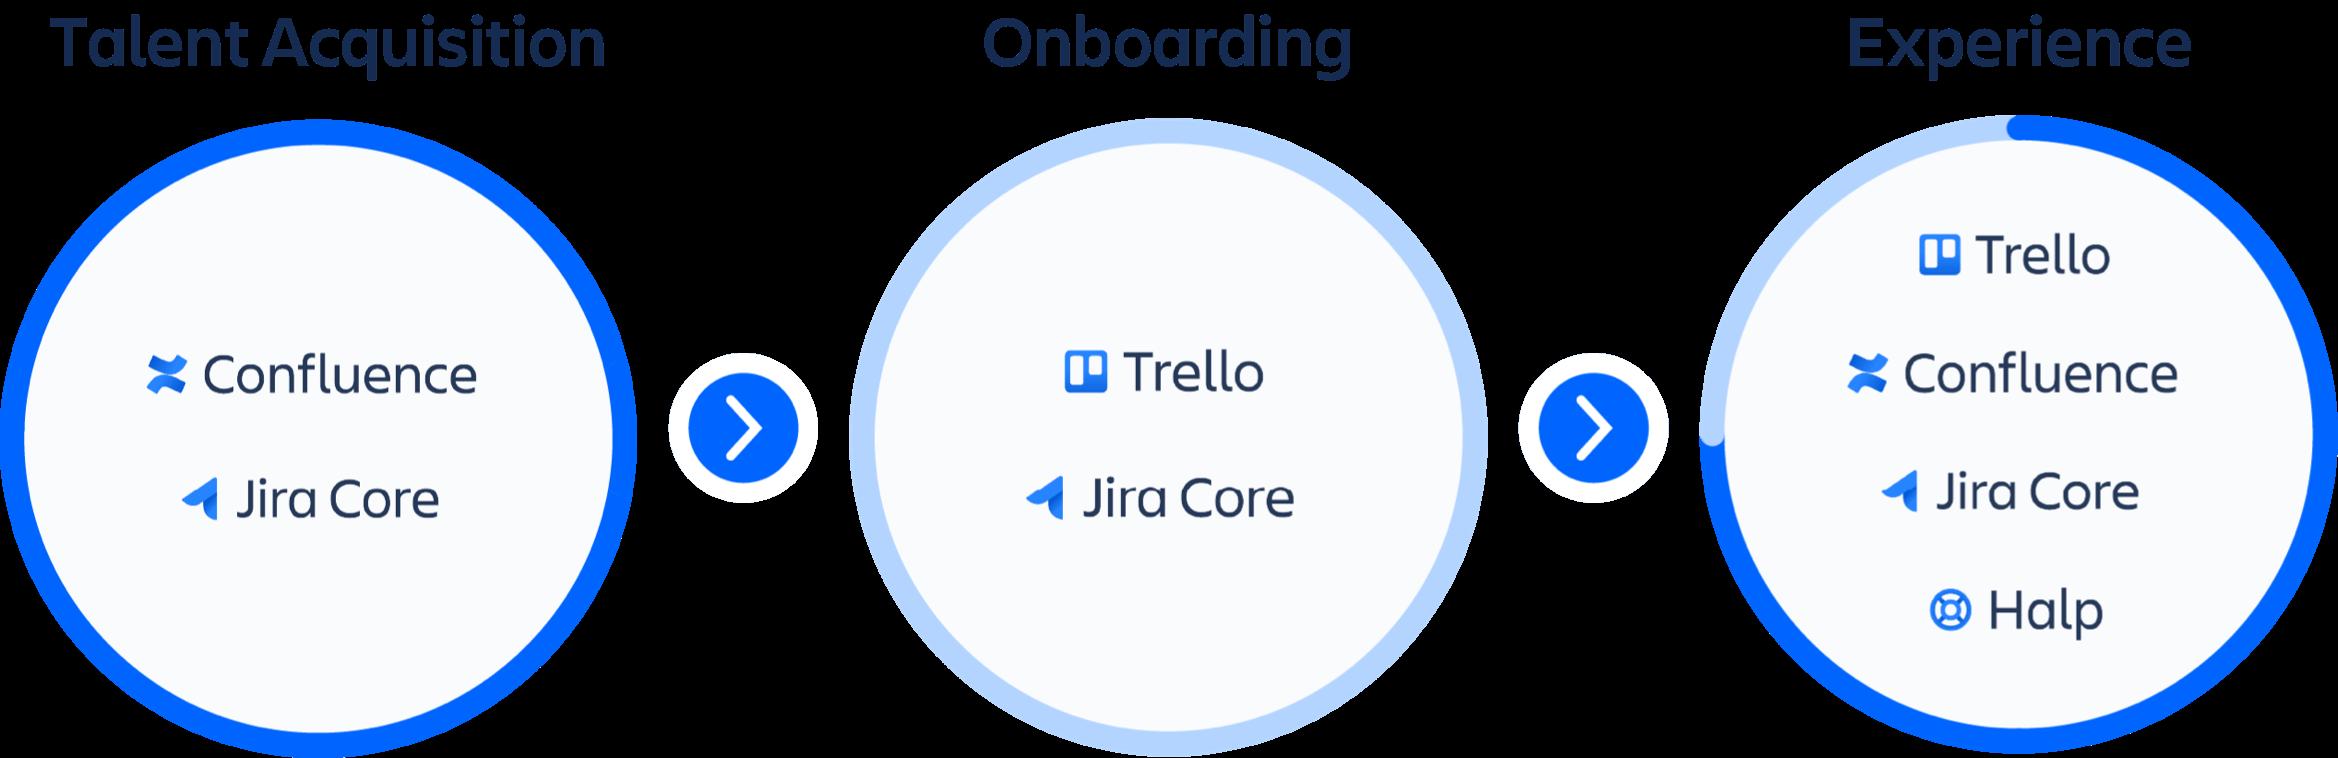 人才招聘产品的图形:Confluence 和 Jira Core,其中包含新人培训产品:Trello 和 Jira Core